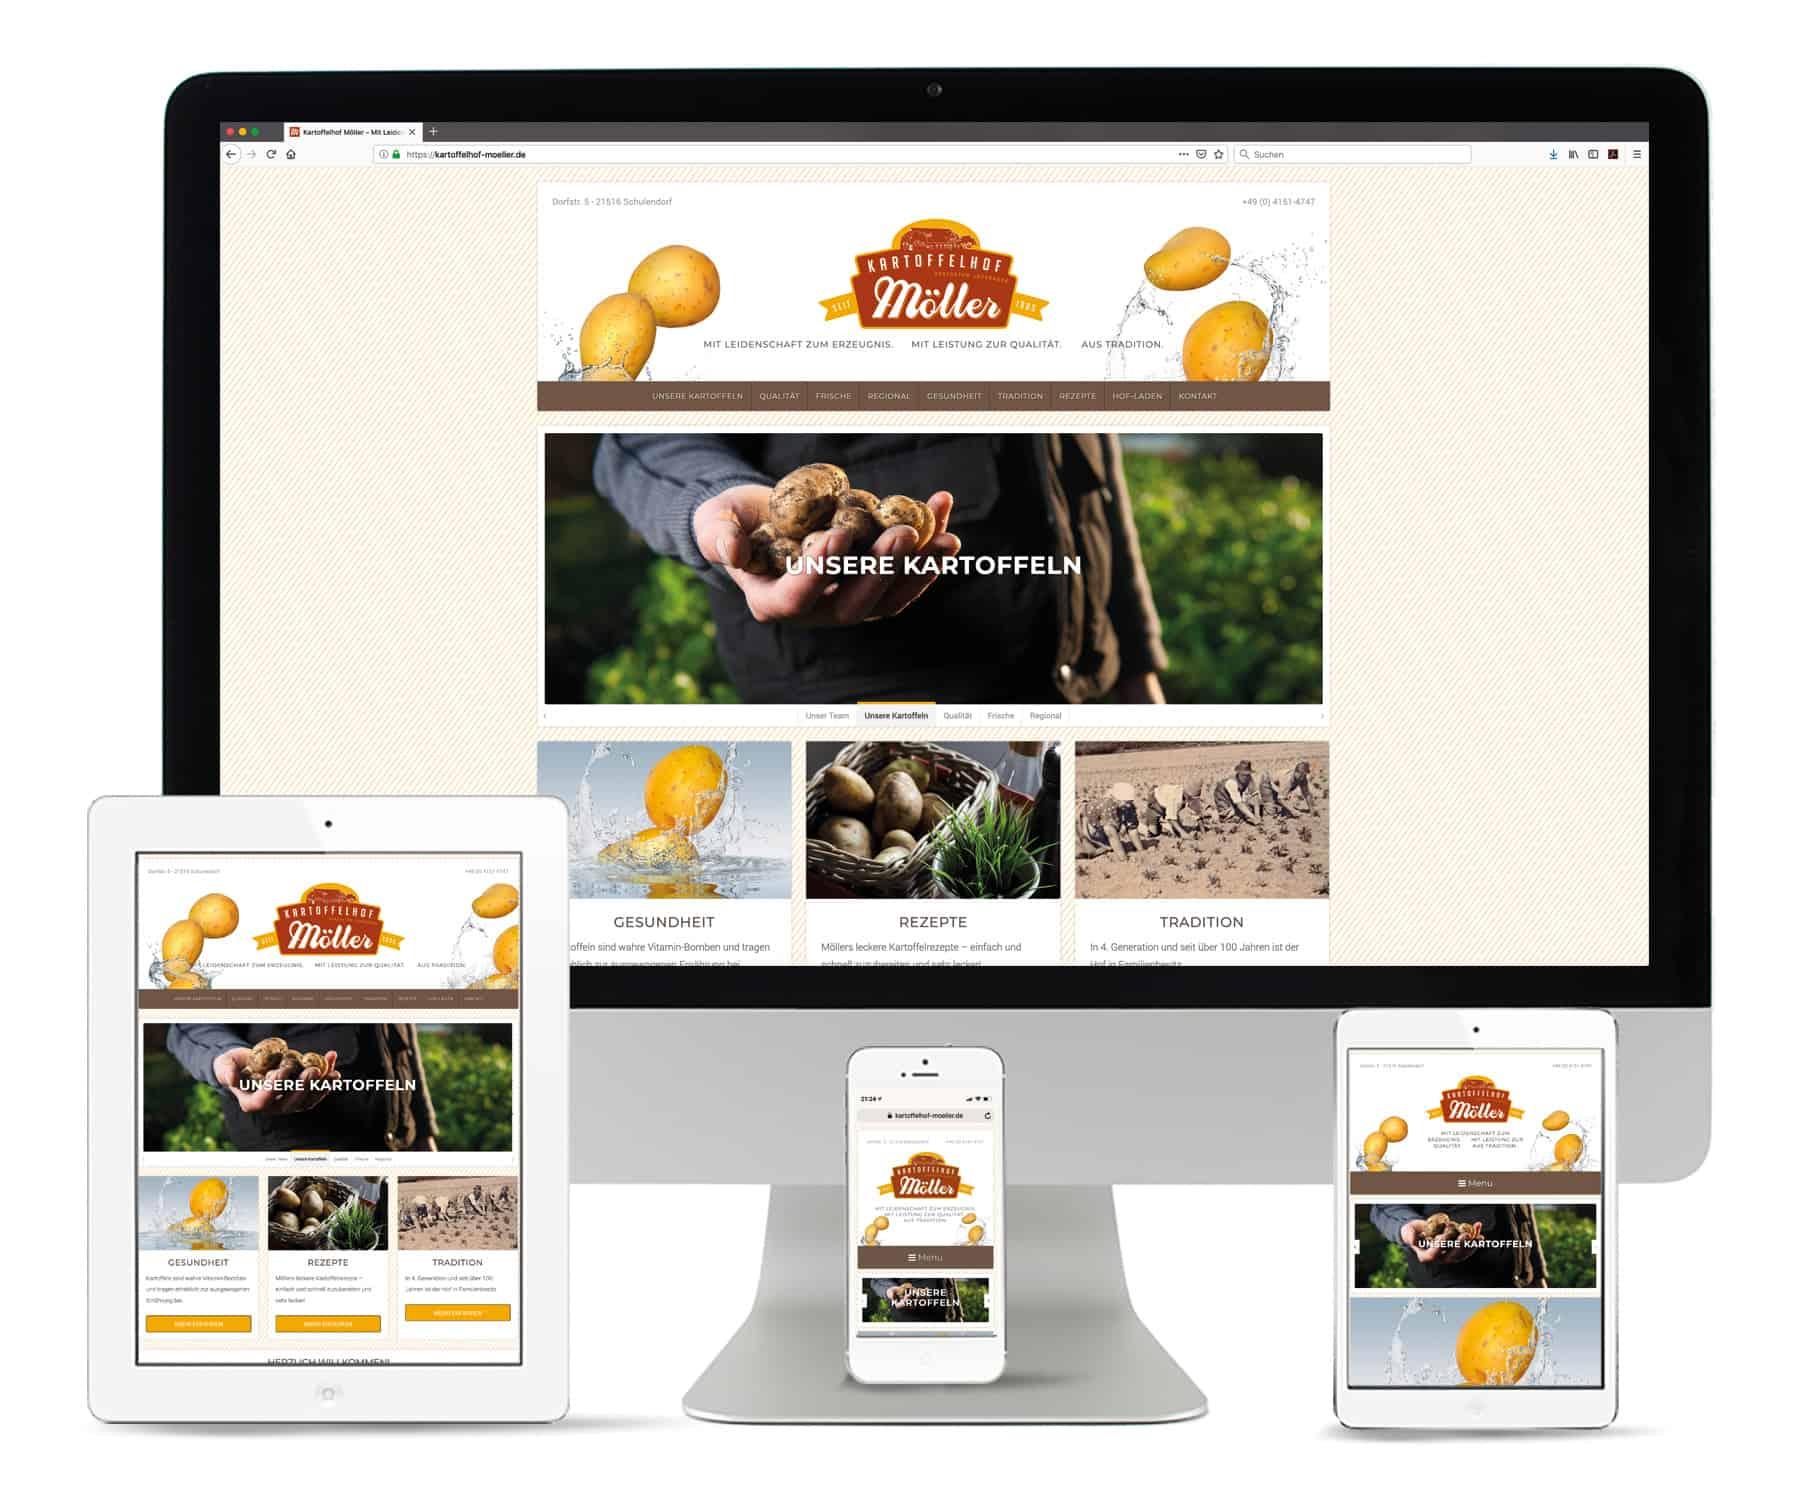 La Deutsche Vita - Webseite Kartoffelhof Möller